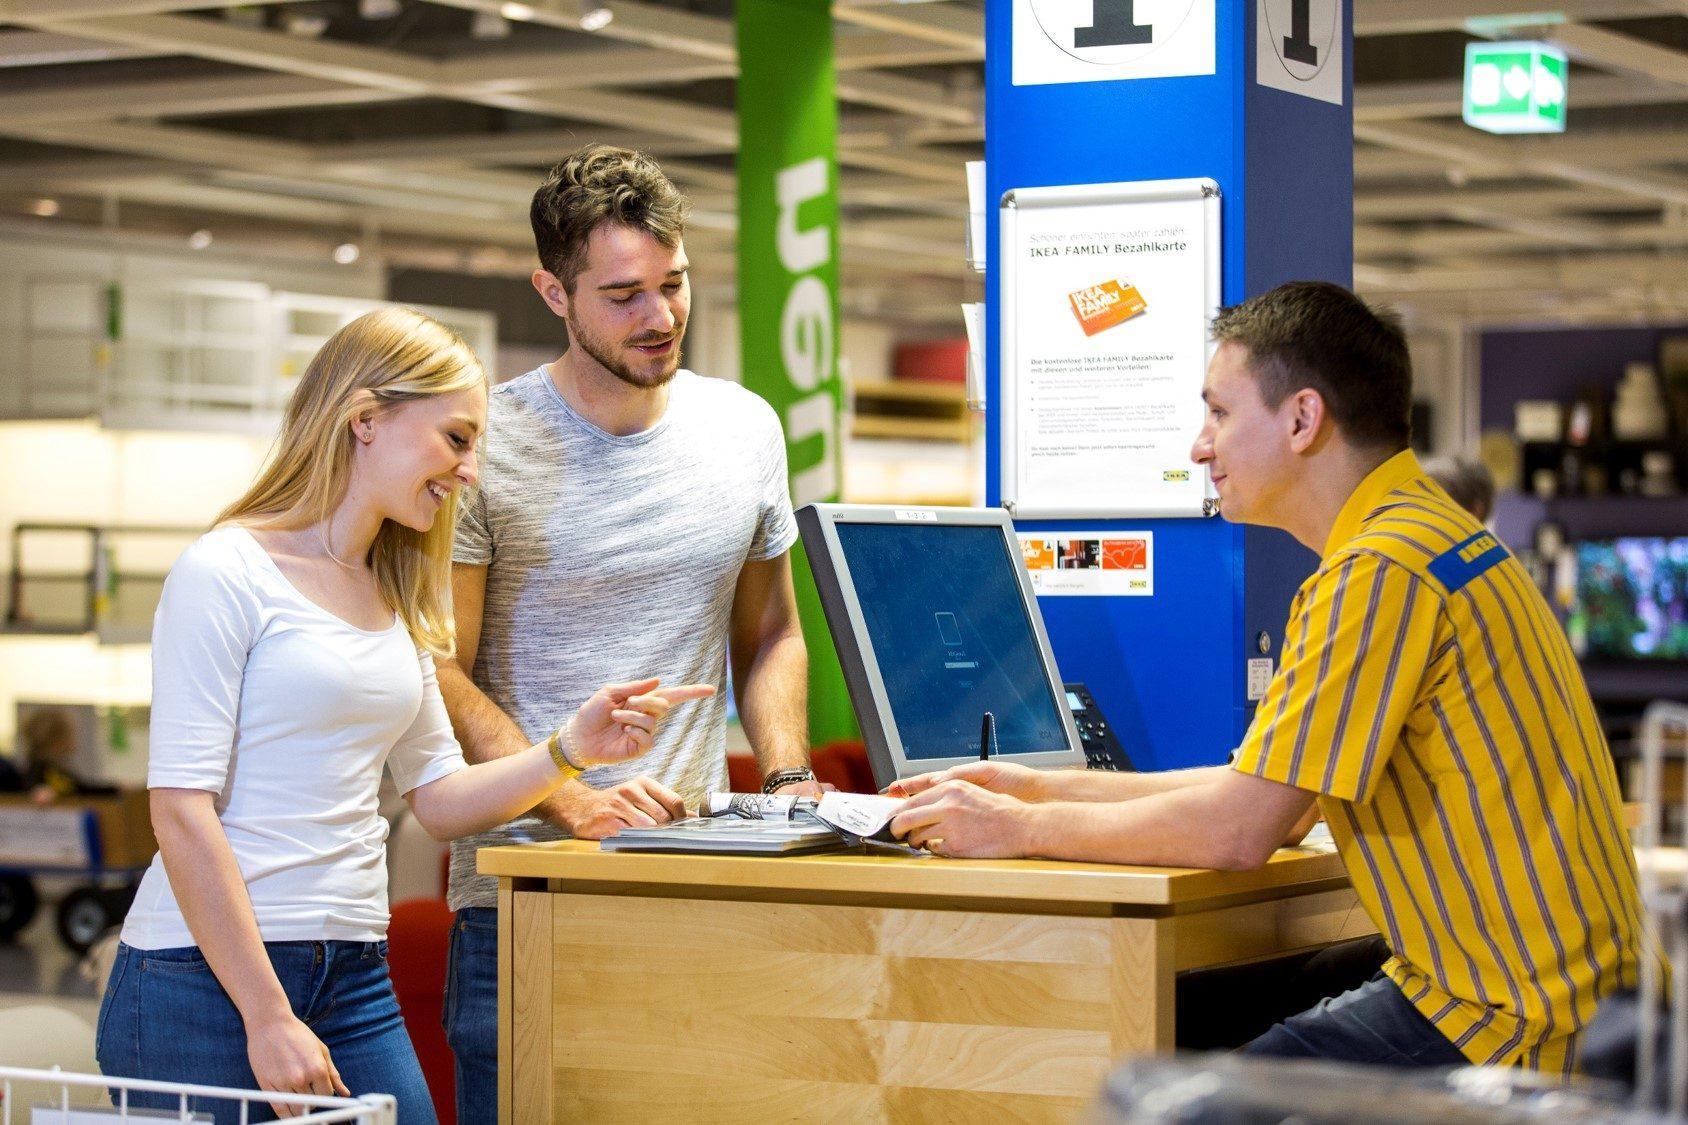 Ikea 11000 Nuove Assunzioni Come Candidarsi E Le Posizioni Aperte